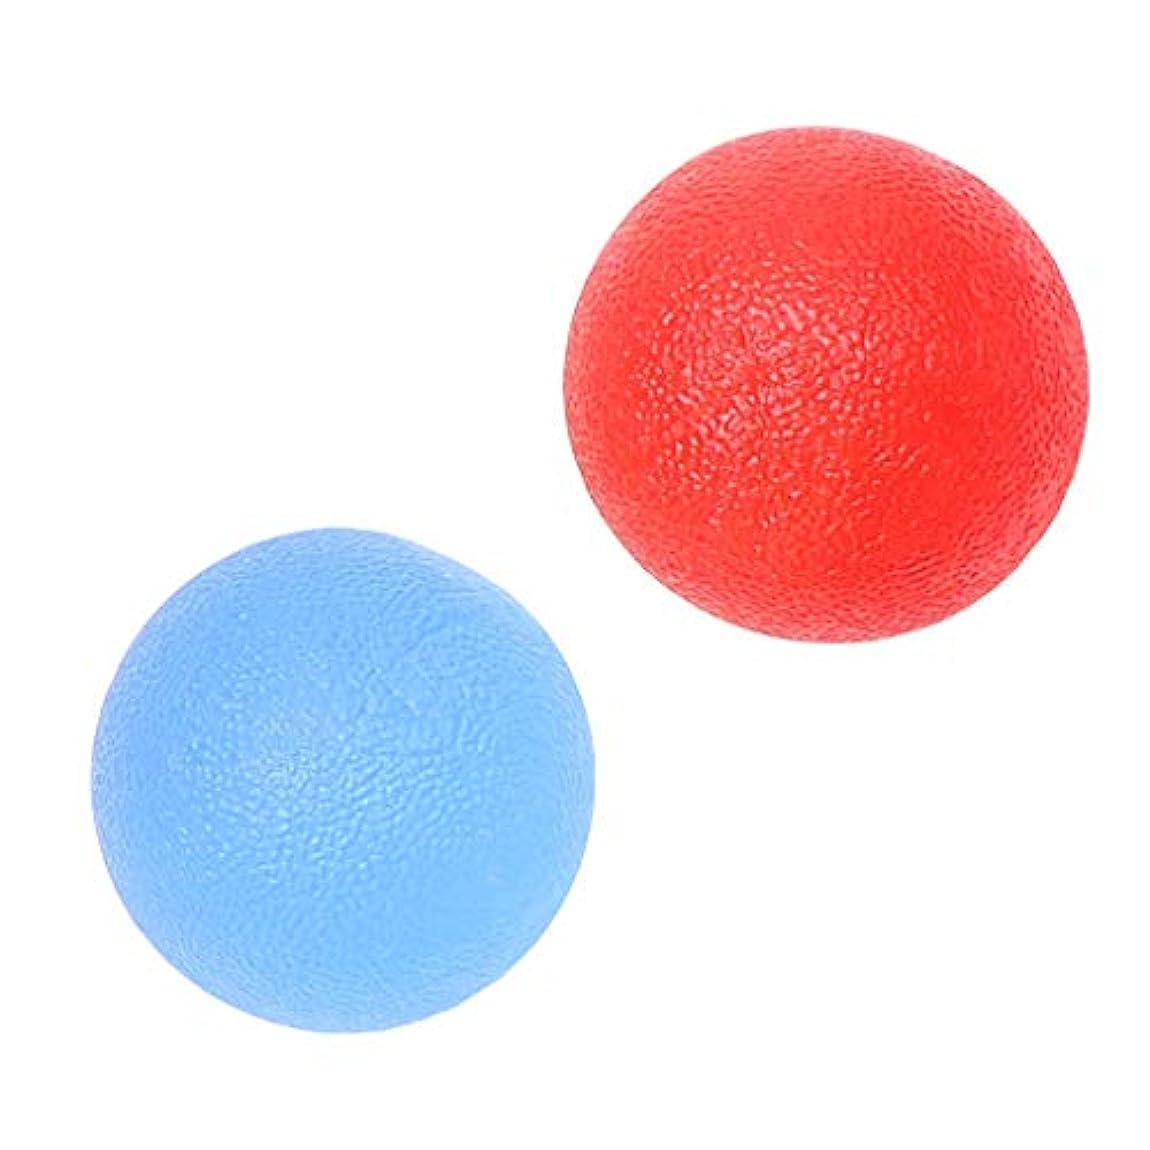 祖母男らしいみすぼらしいCUTICATE 2個 ハンドエクササイズボール ハンドグリップ シリコン 指トレーニング ストレス緩和 減圧 赤/青